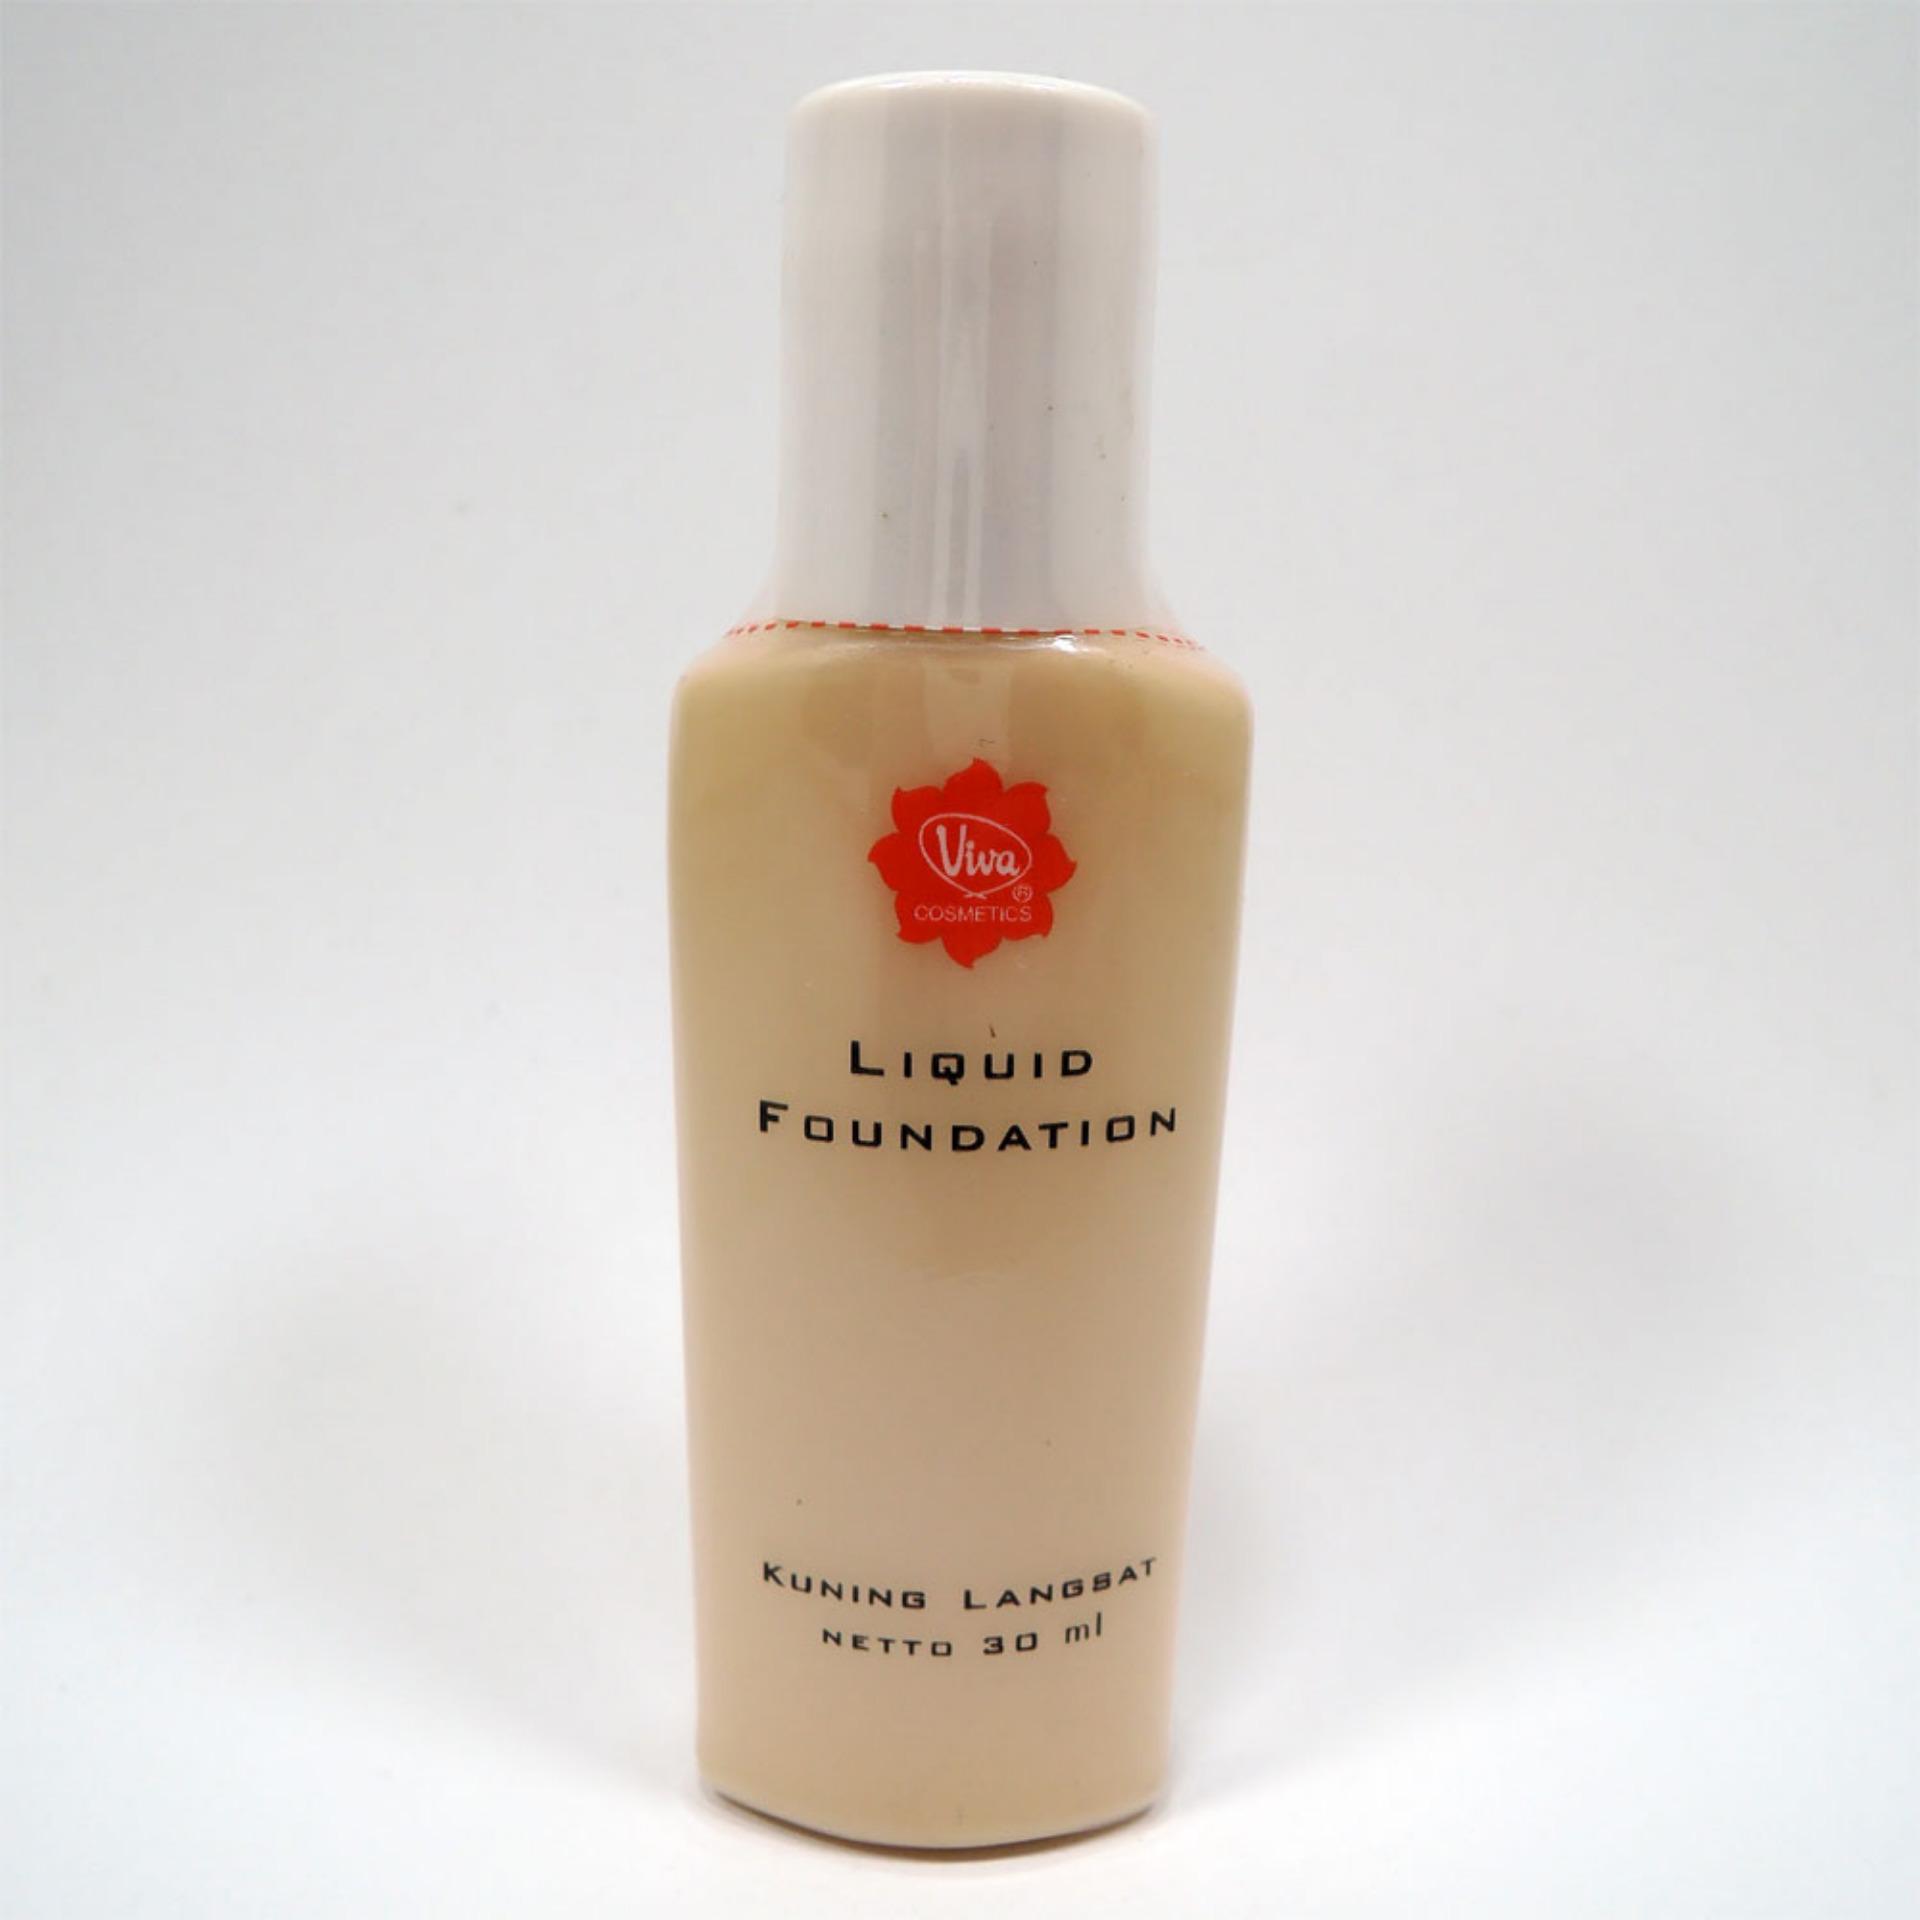 Toko Indonesia Perbandingan Harga Makeup Viva Cosmetics 24 06 18 Eye Liner Pencil Pensil Alis Original 13gr Liquid Foundation Kuning Langsat